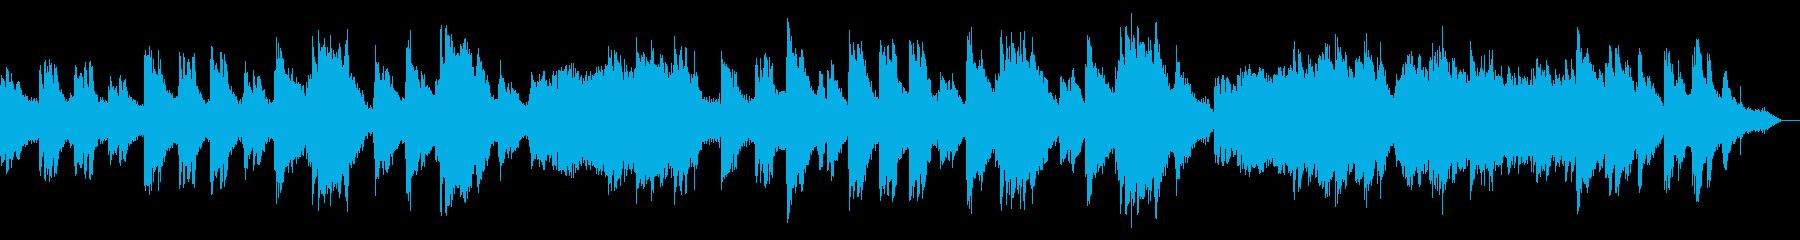 雪国の故郷を表現したシンセボイスピアノ曲の再生済みの波形